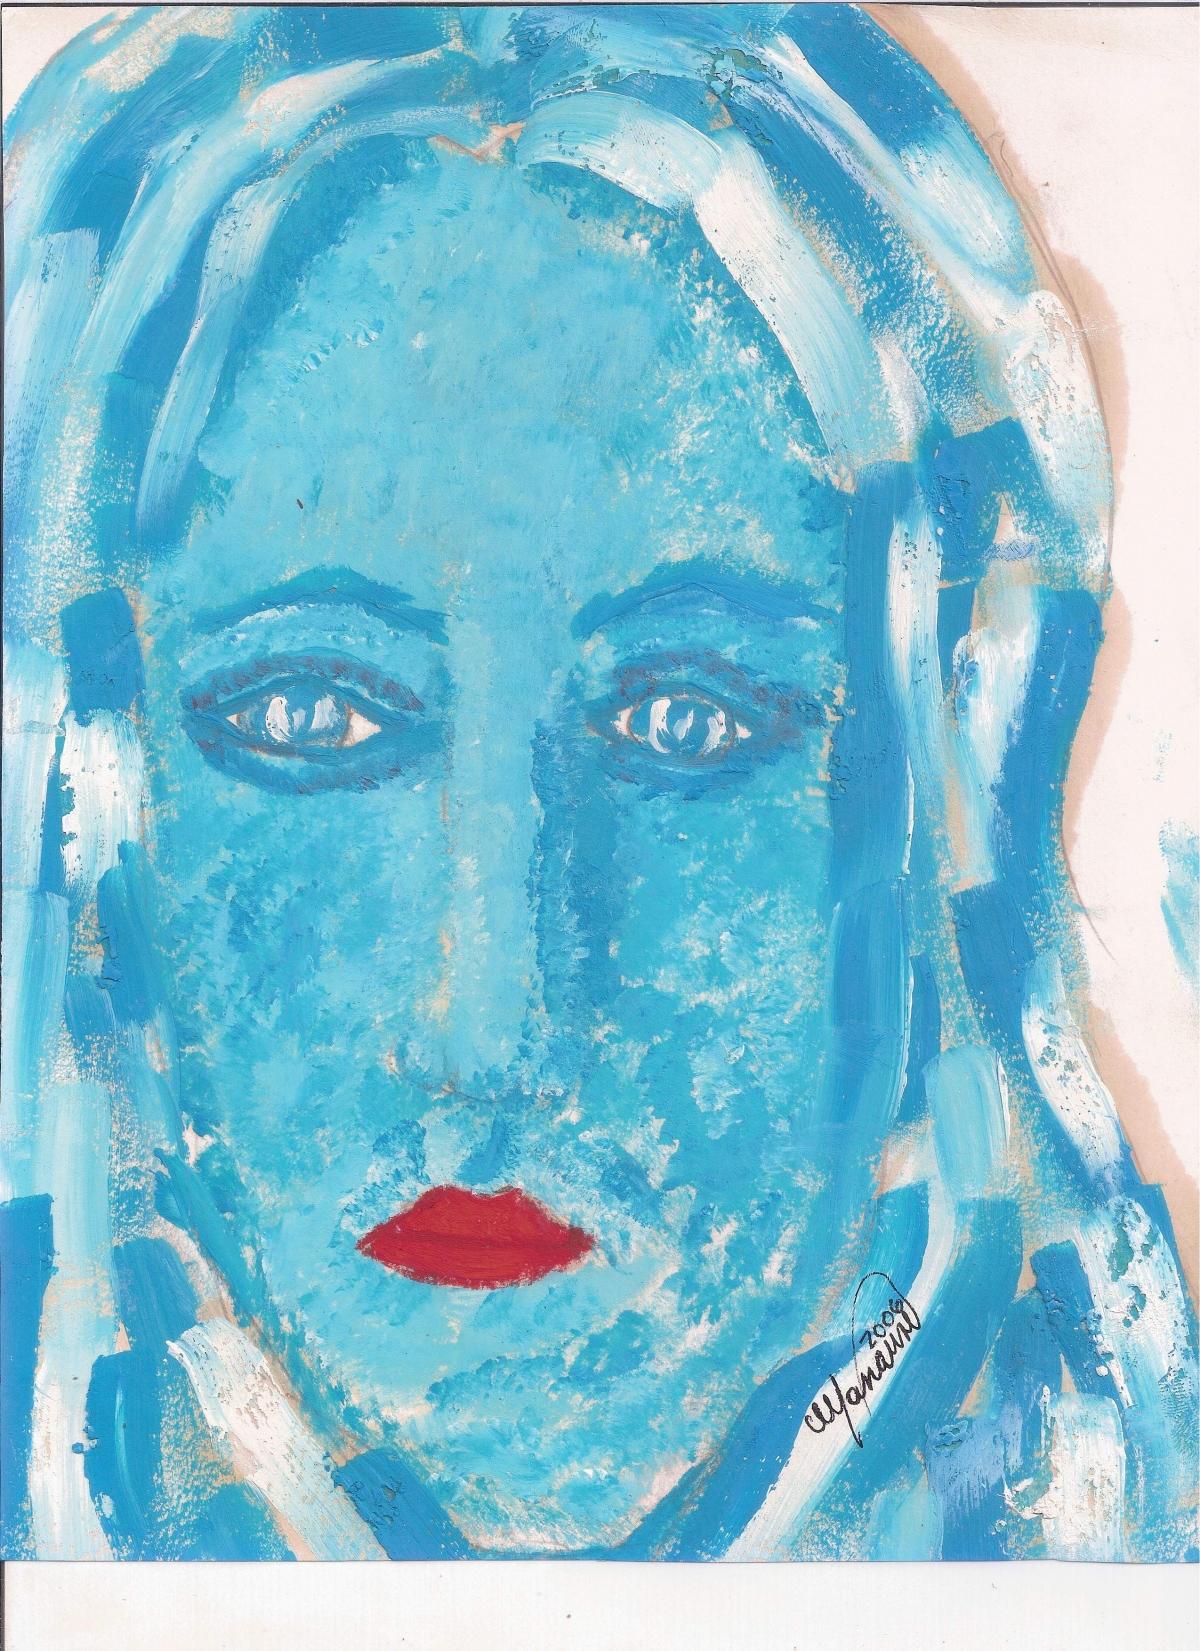 Abstracción del rostro Humano (Boceto) Rosario en el Mar #38